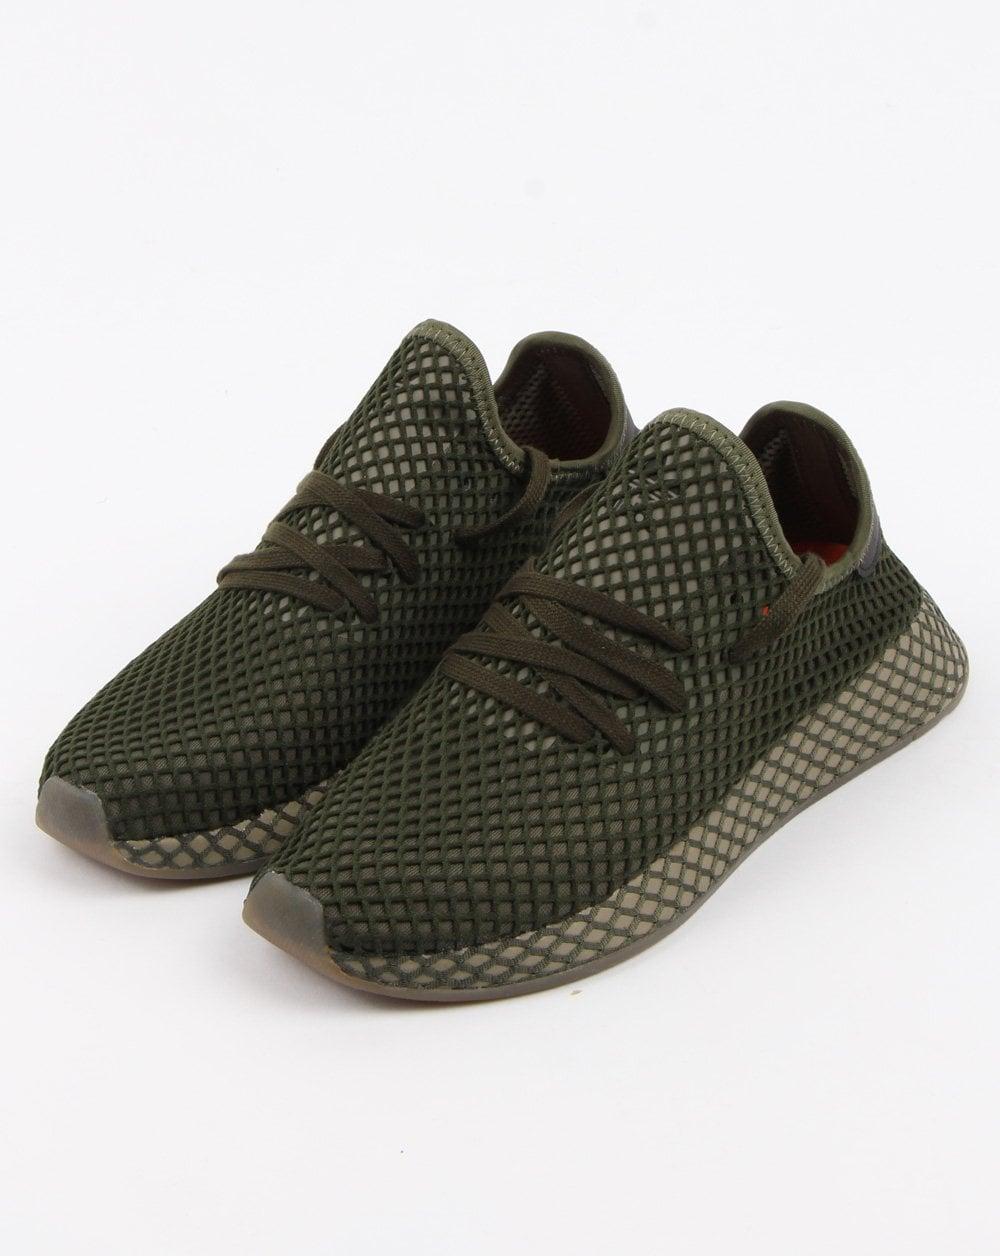 Adidas Deerupt Runner Base Green